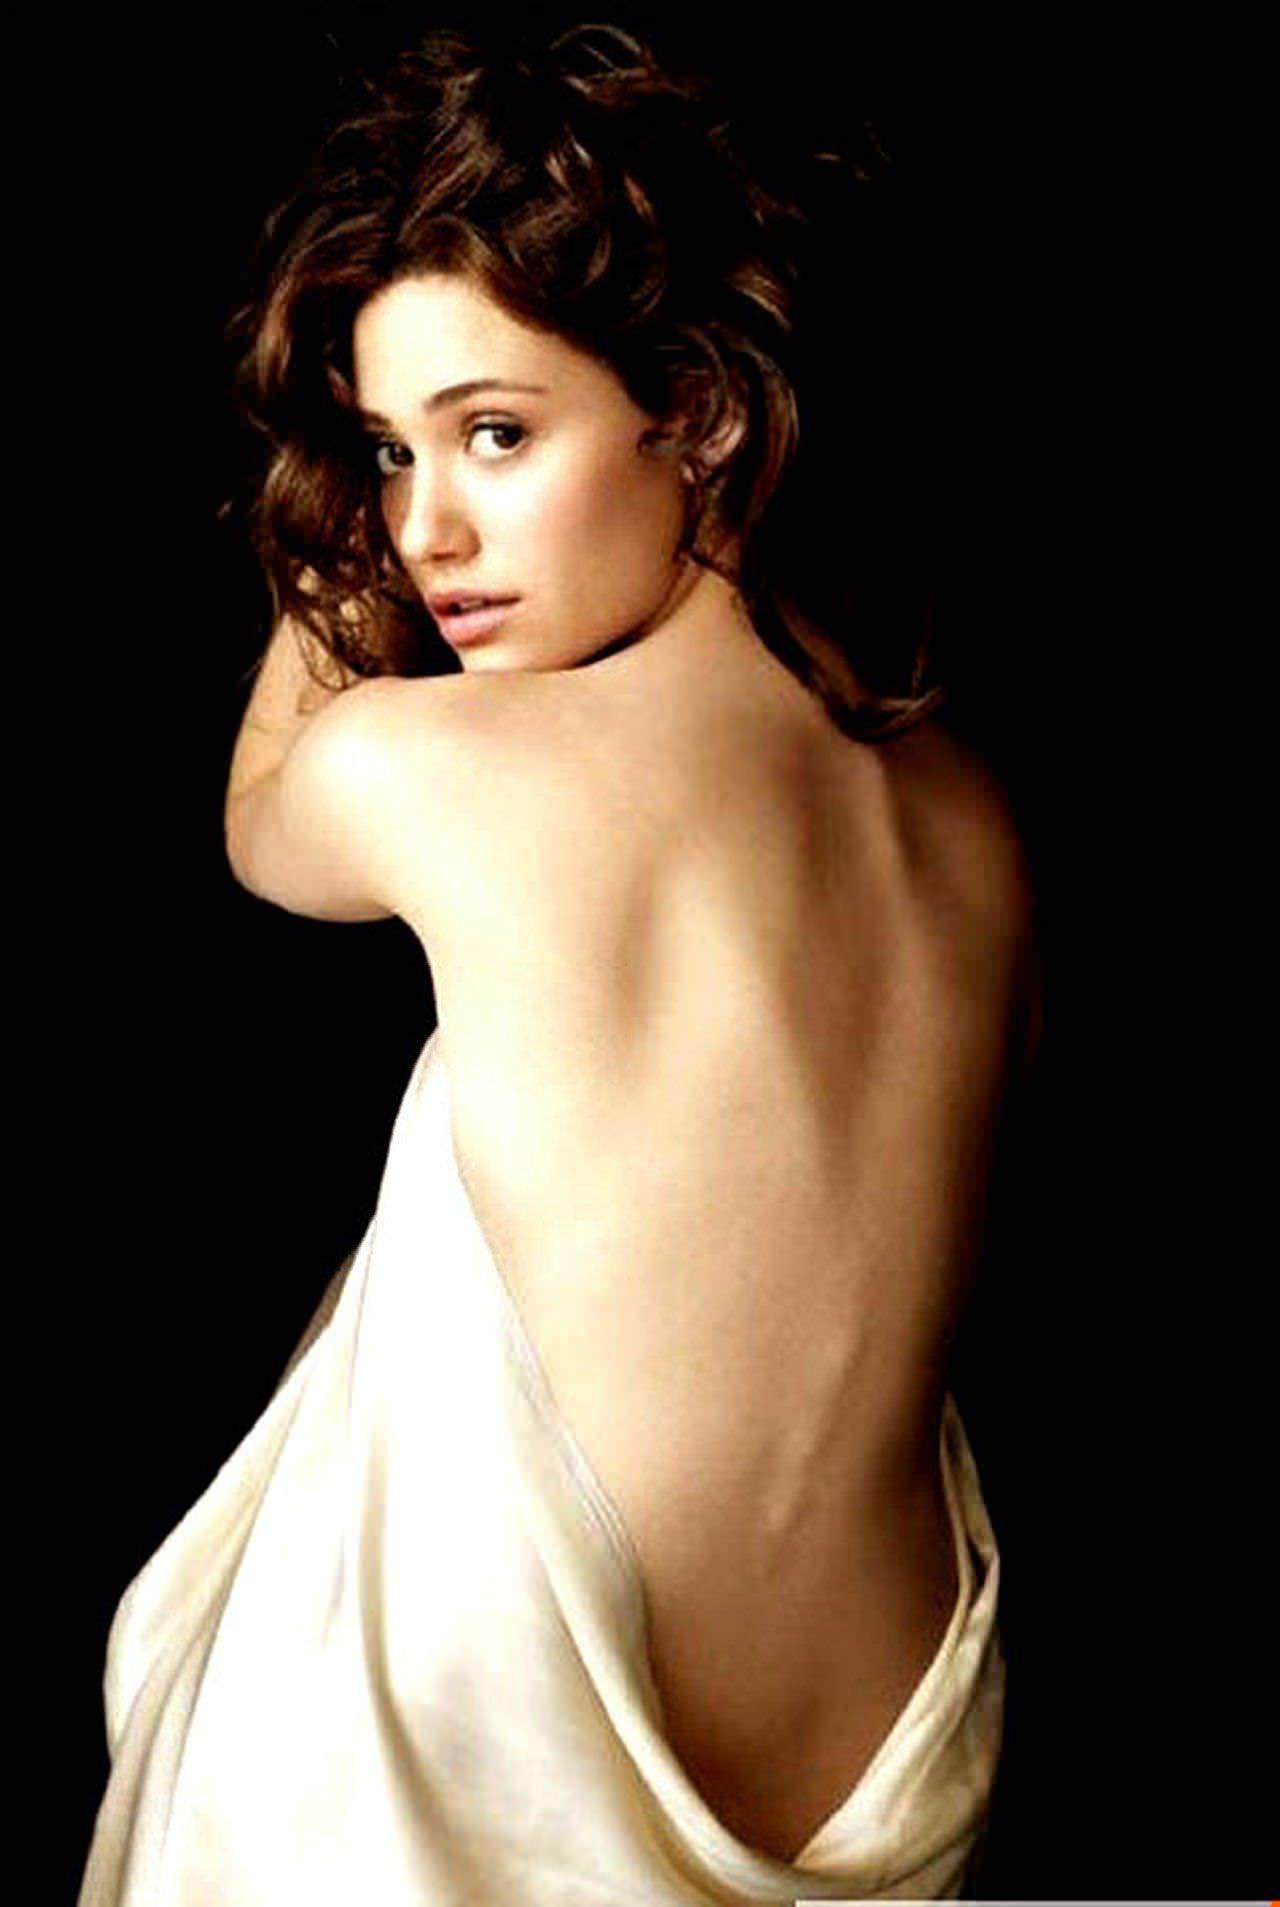 Эмми Россум фото со спины